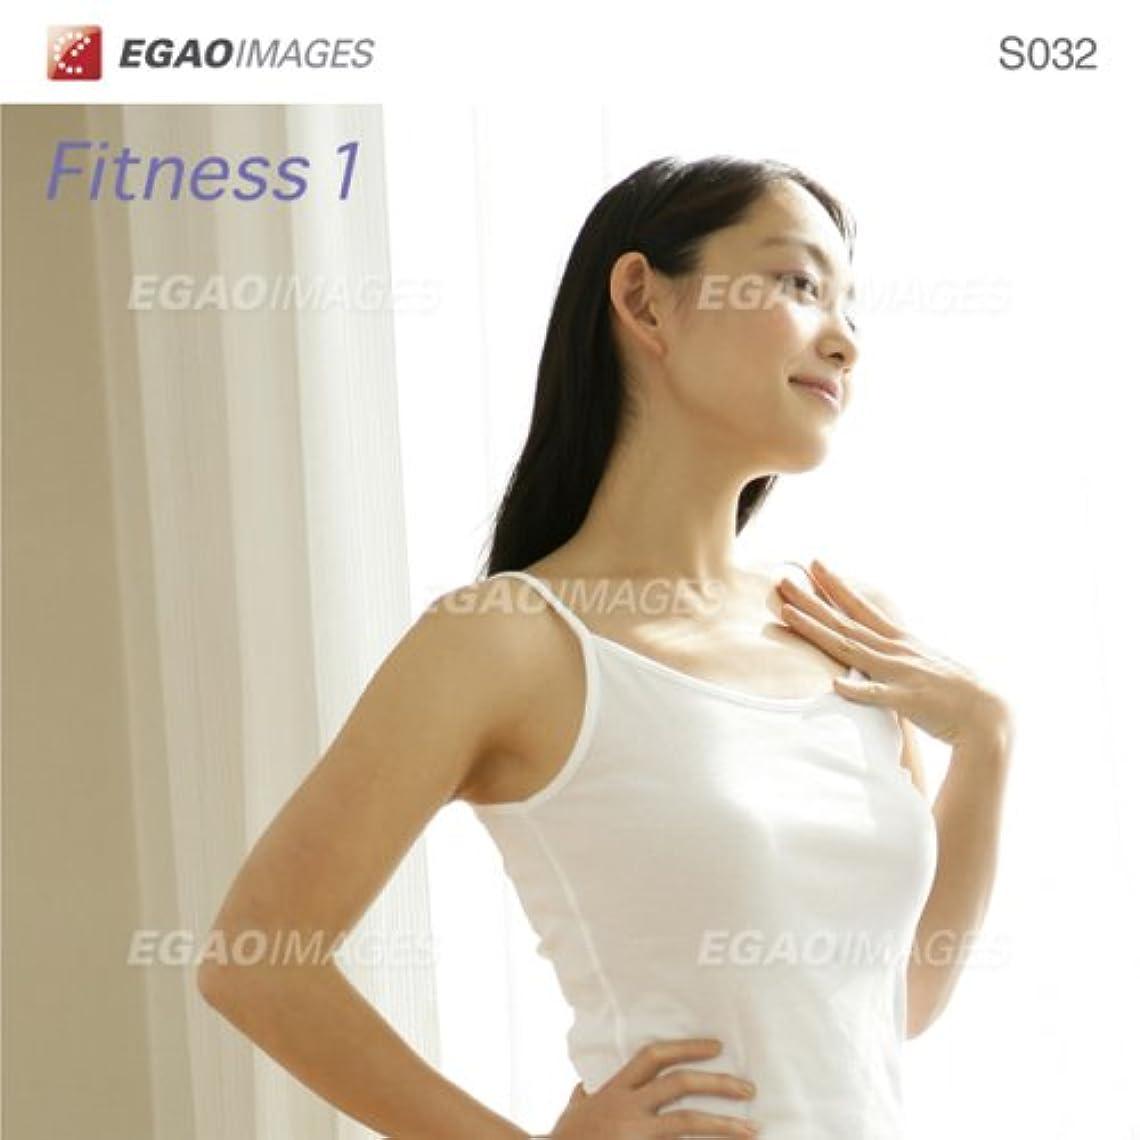 ワイヤーパーティー句EGAOIMAGES S032 若い女性「フィットネス1」